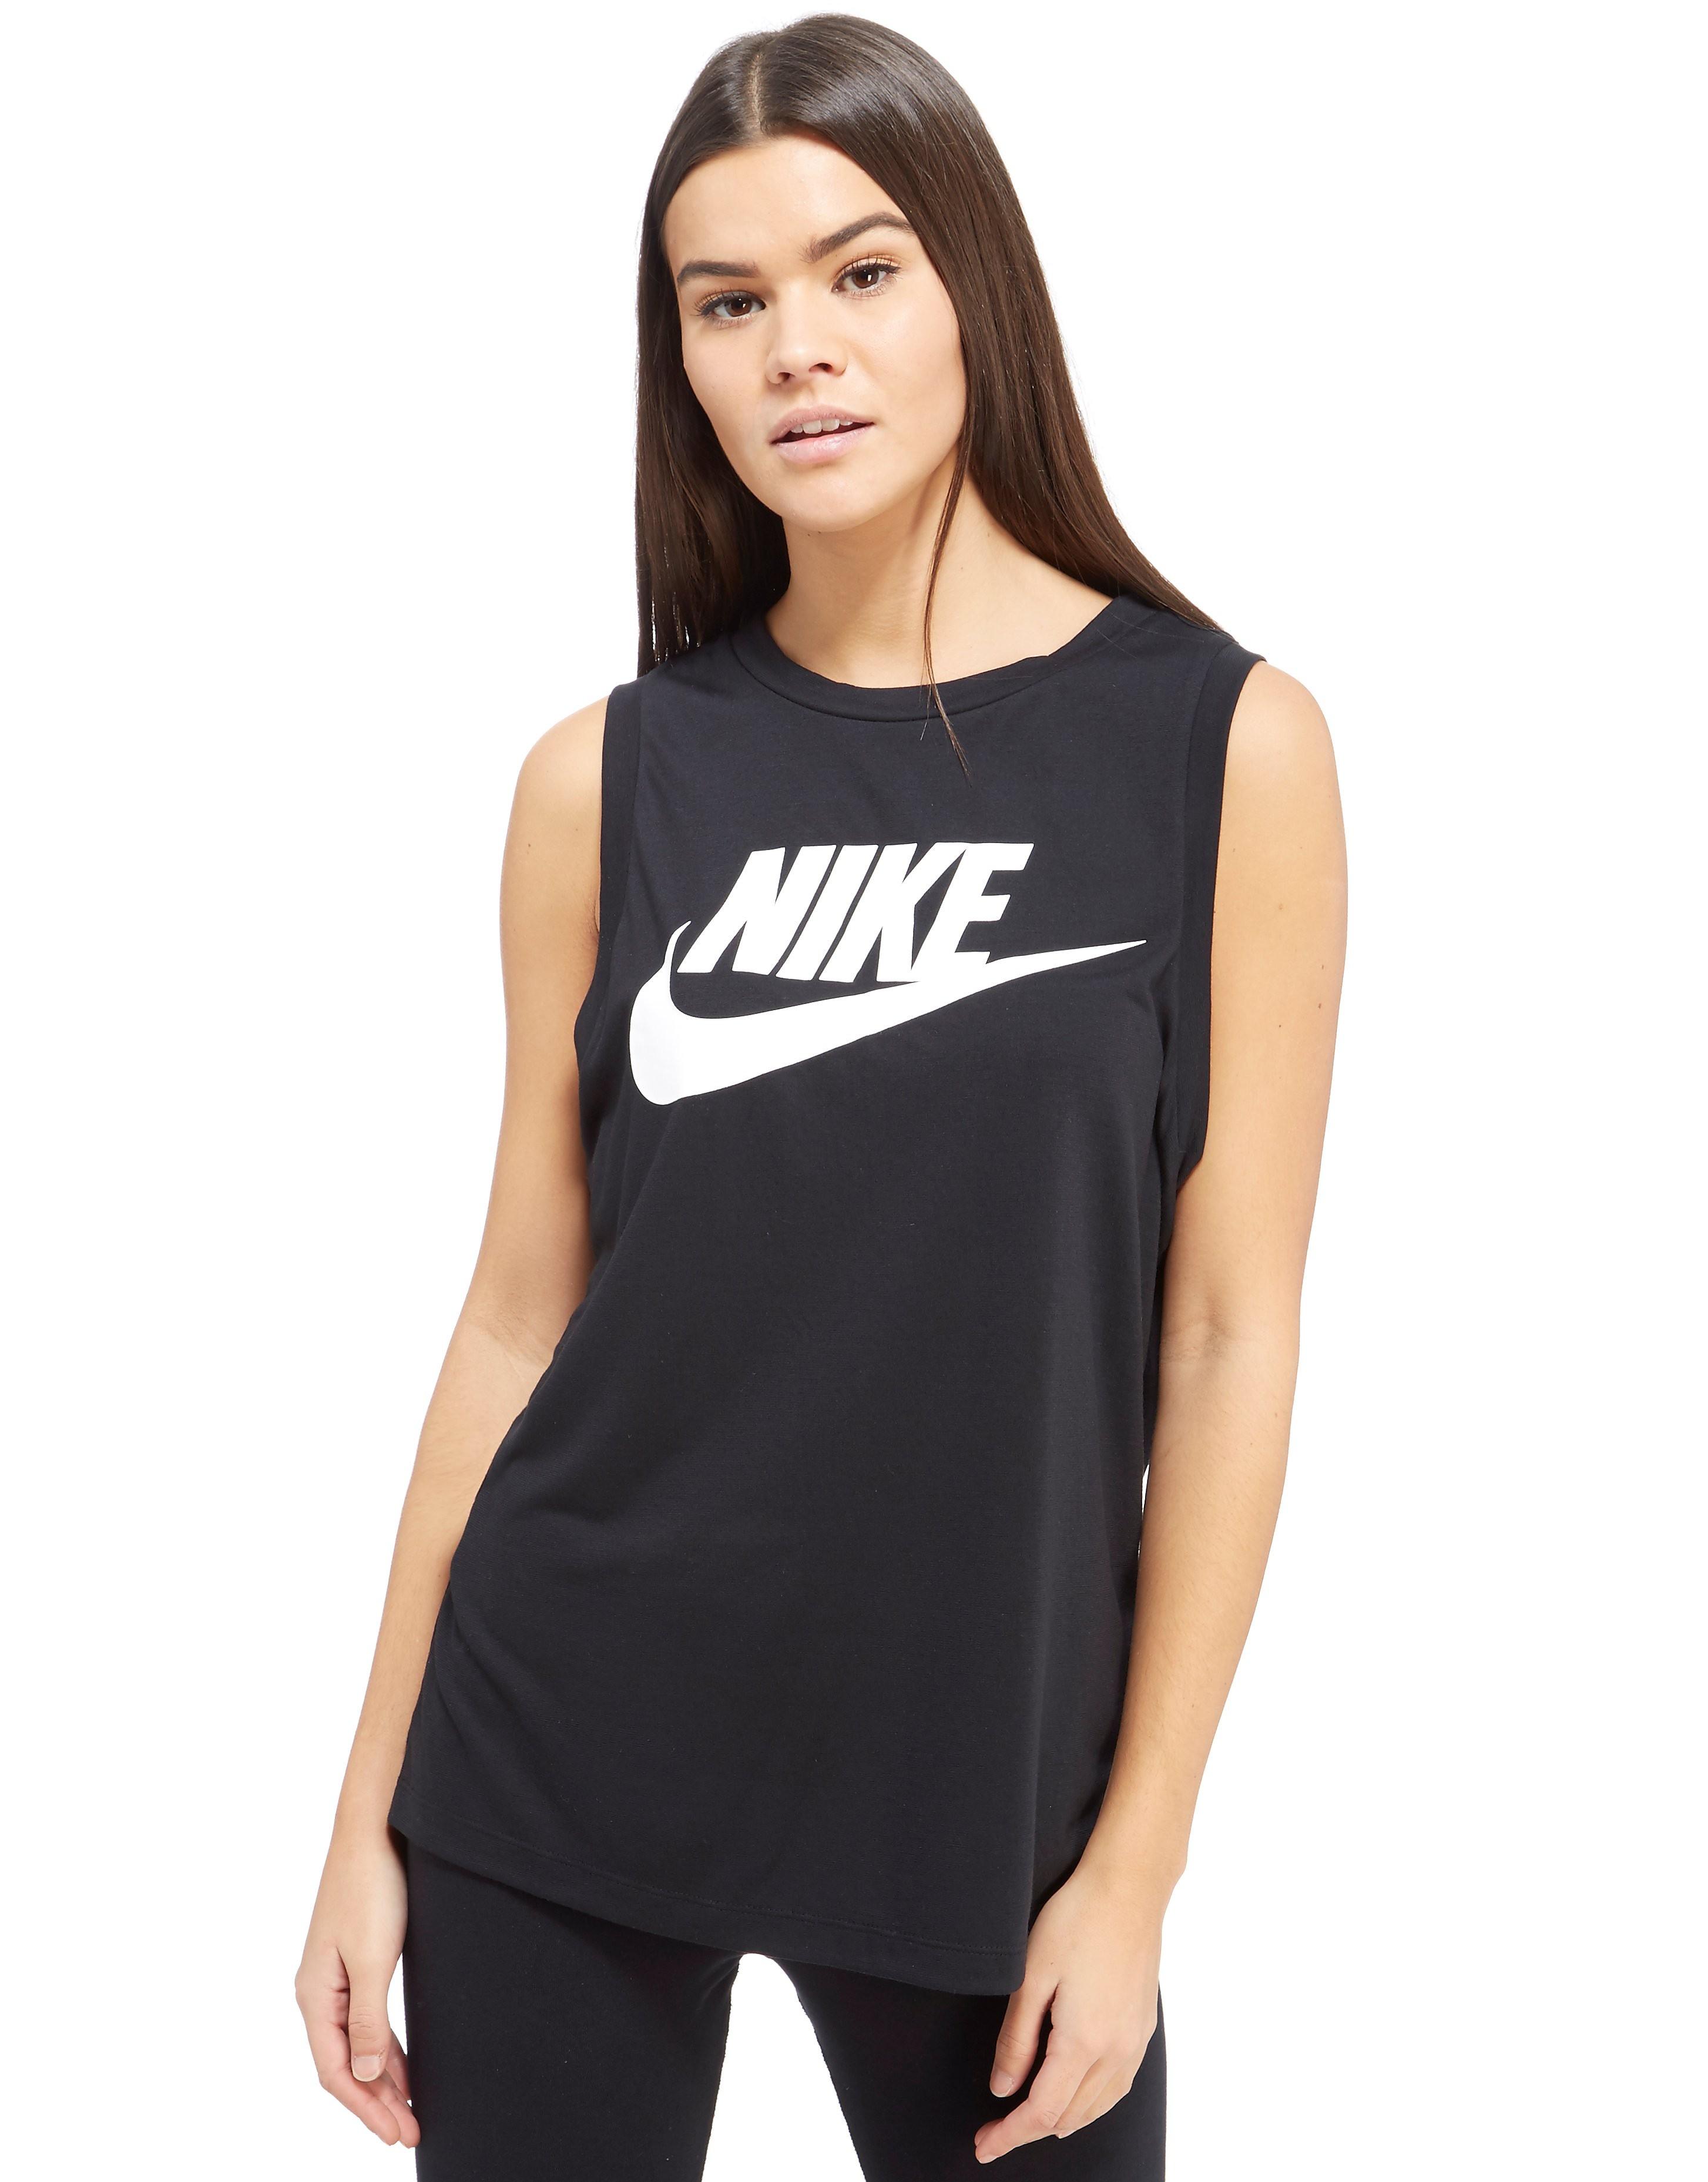 Nike Muscle Tank Top